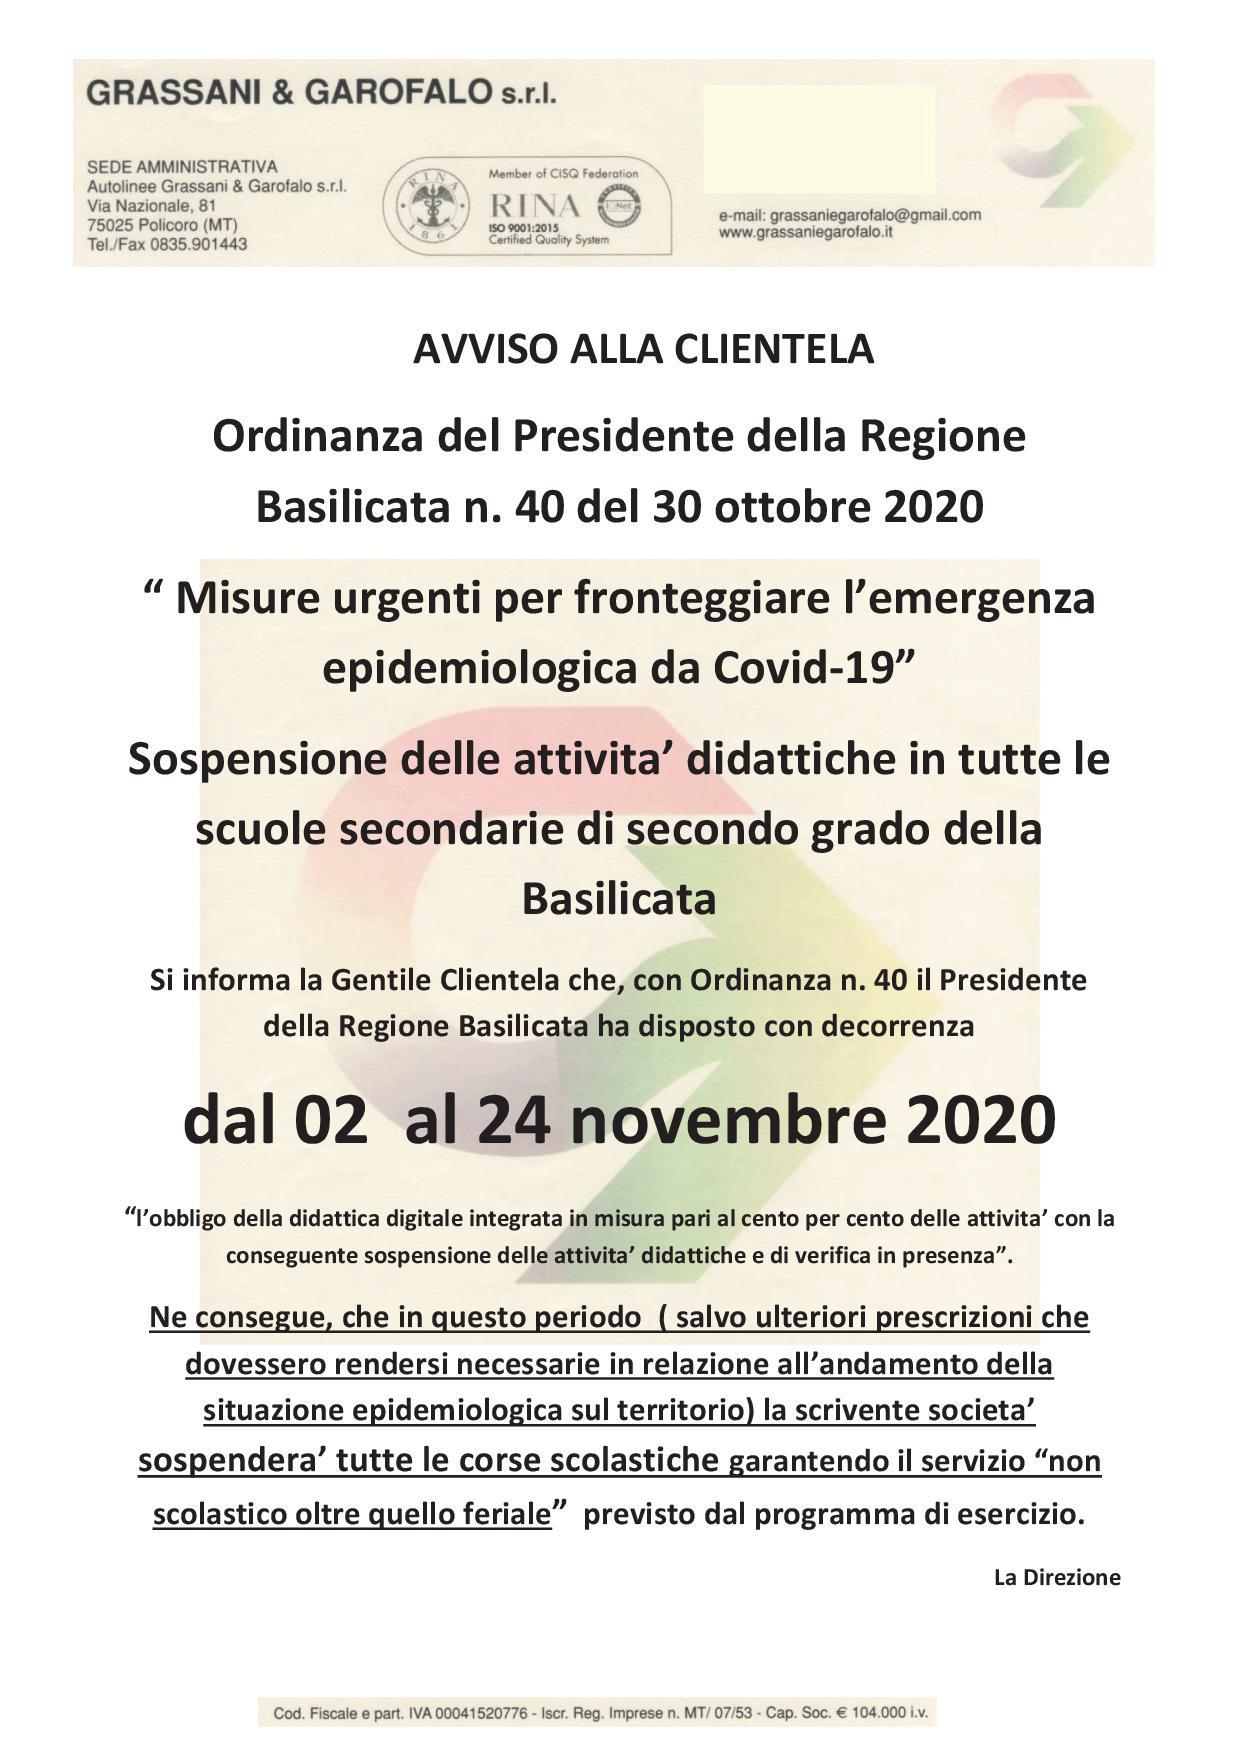 Comunicazione – Grassani & Garofalo